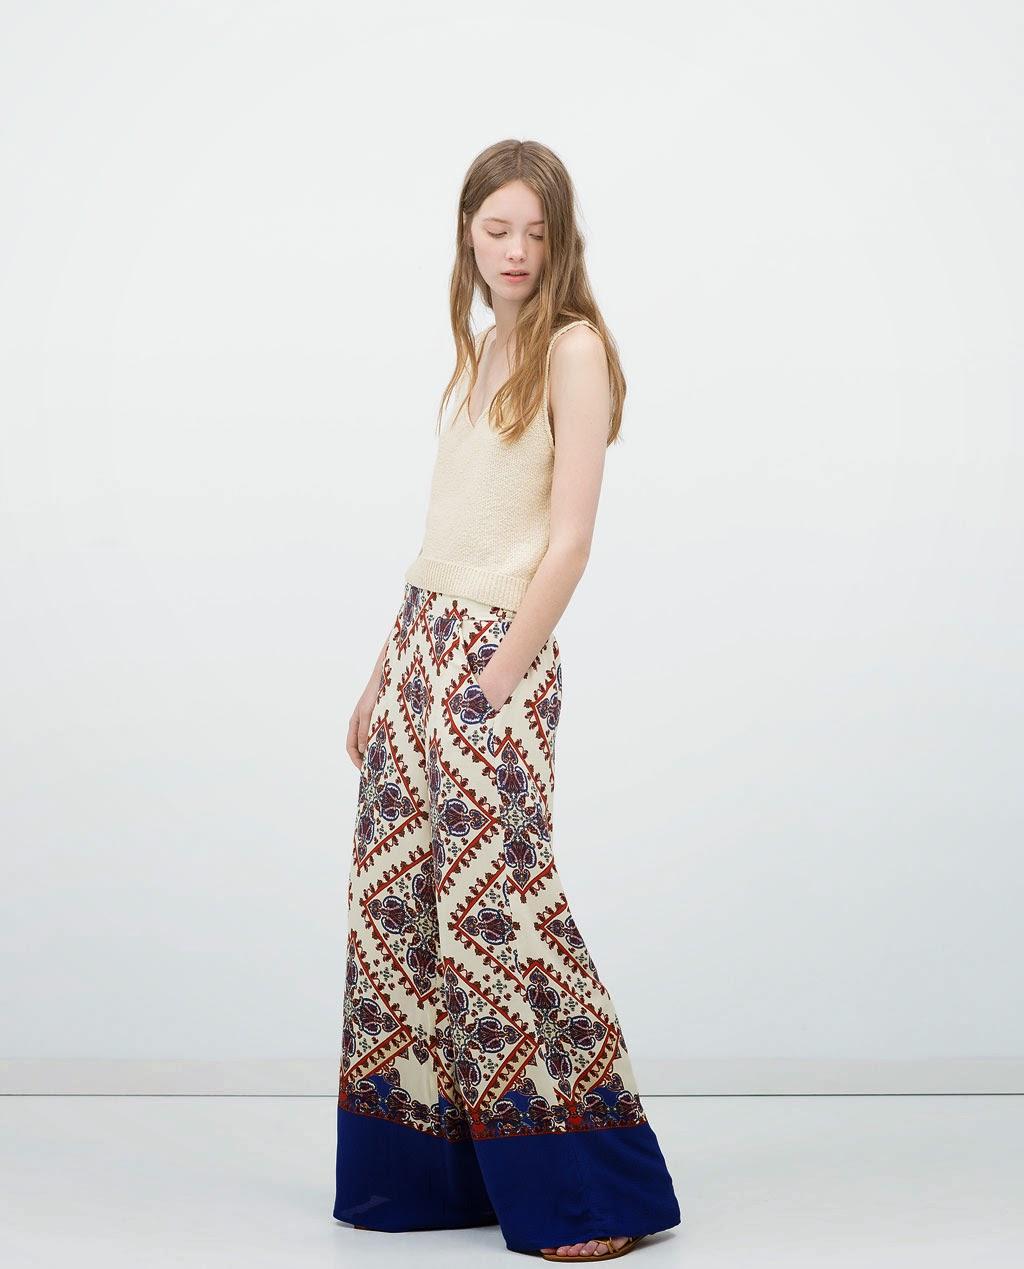 Zara - Calças fluidas estampadas, top de alças e sandálias planas